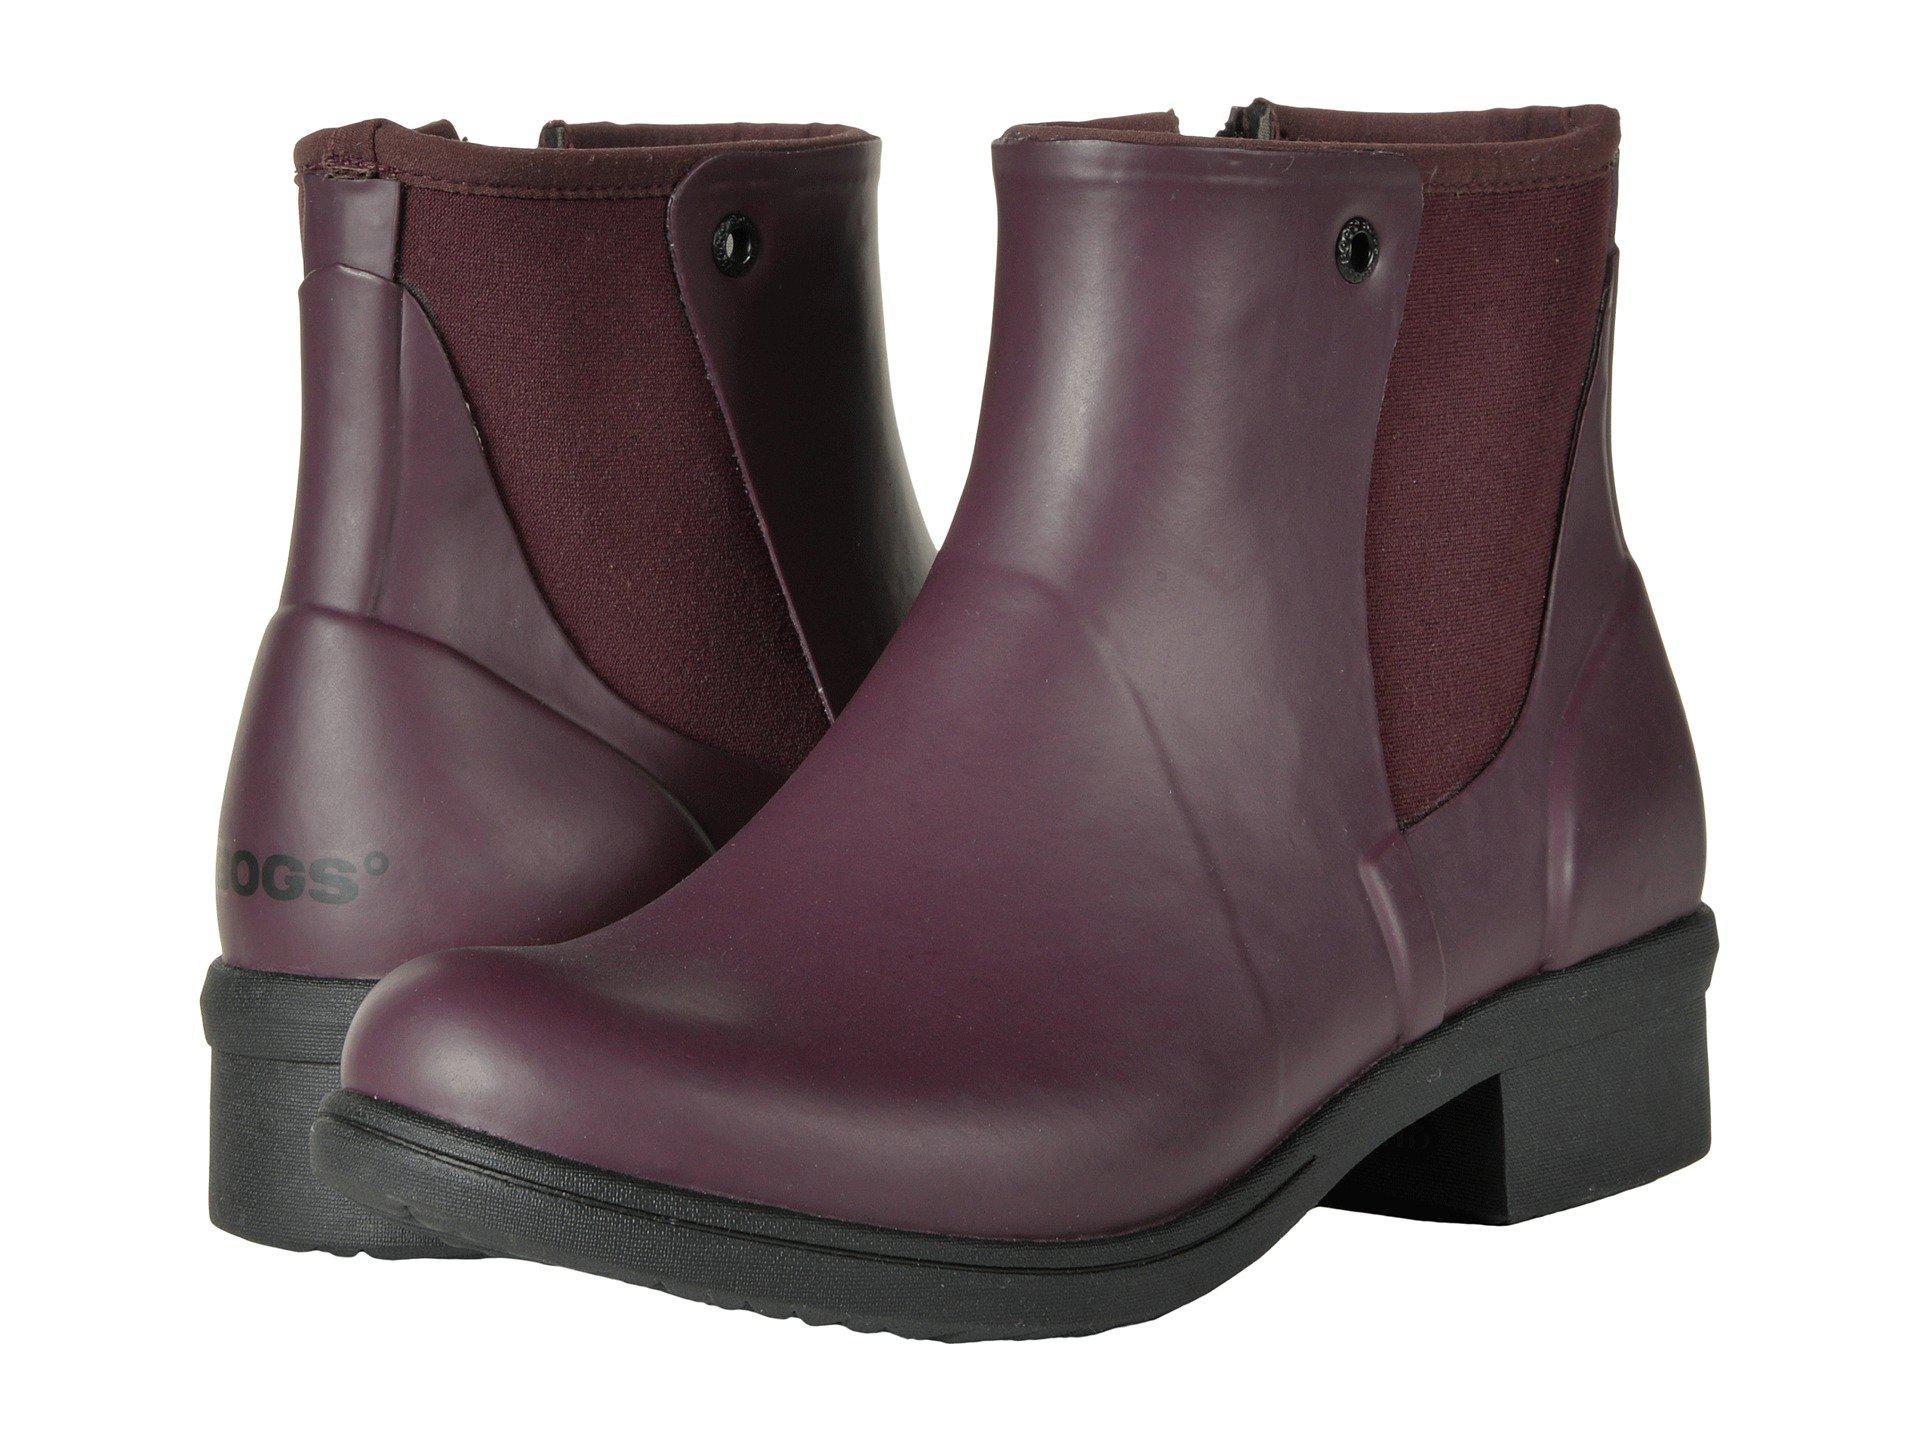 Bogs Auburn Rubber Womens Boots 0xKvpk